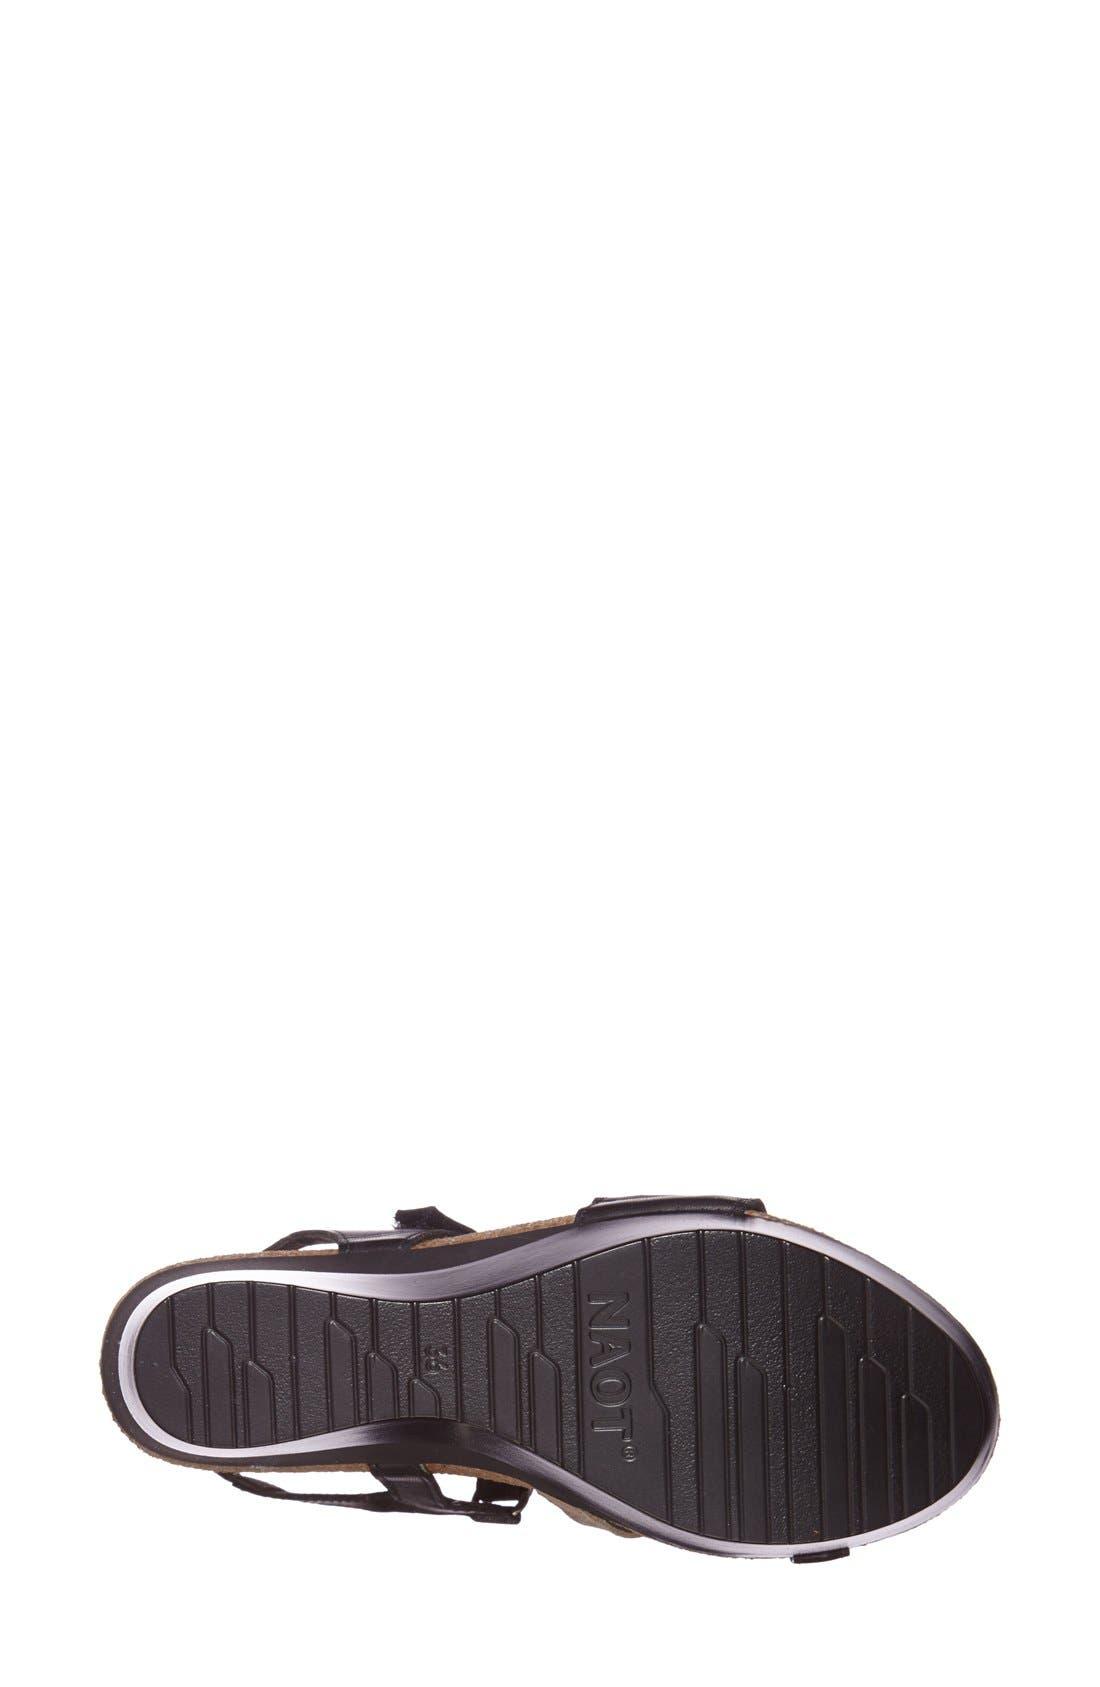 'Canaan' Wedge Sandal,                             Alternate thumbnail 4, color,                             BLACK/ BEIGE